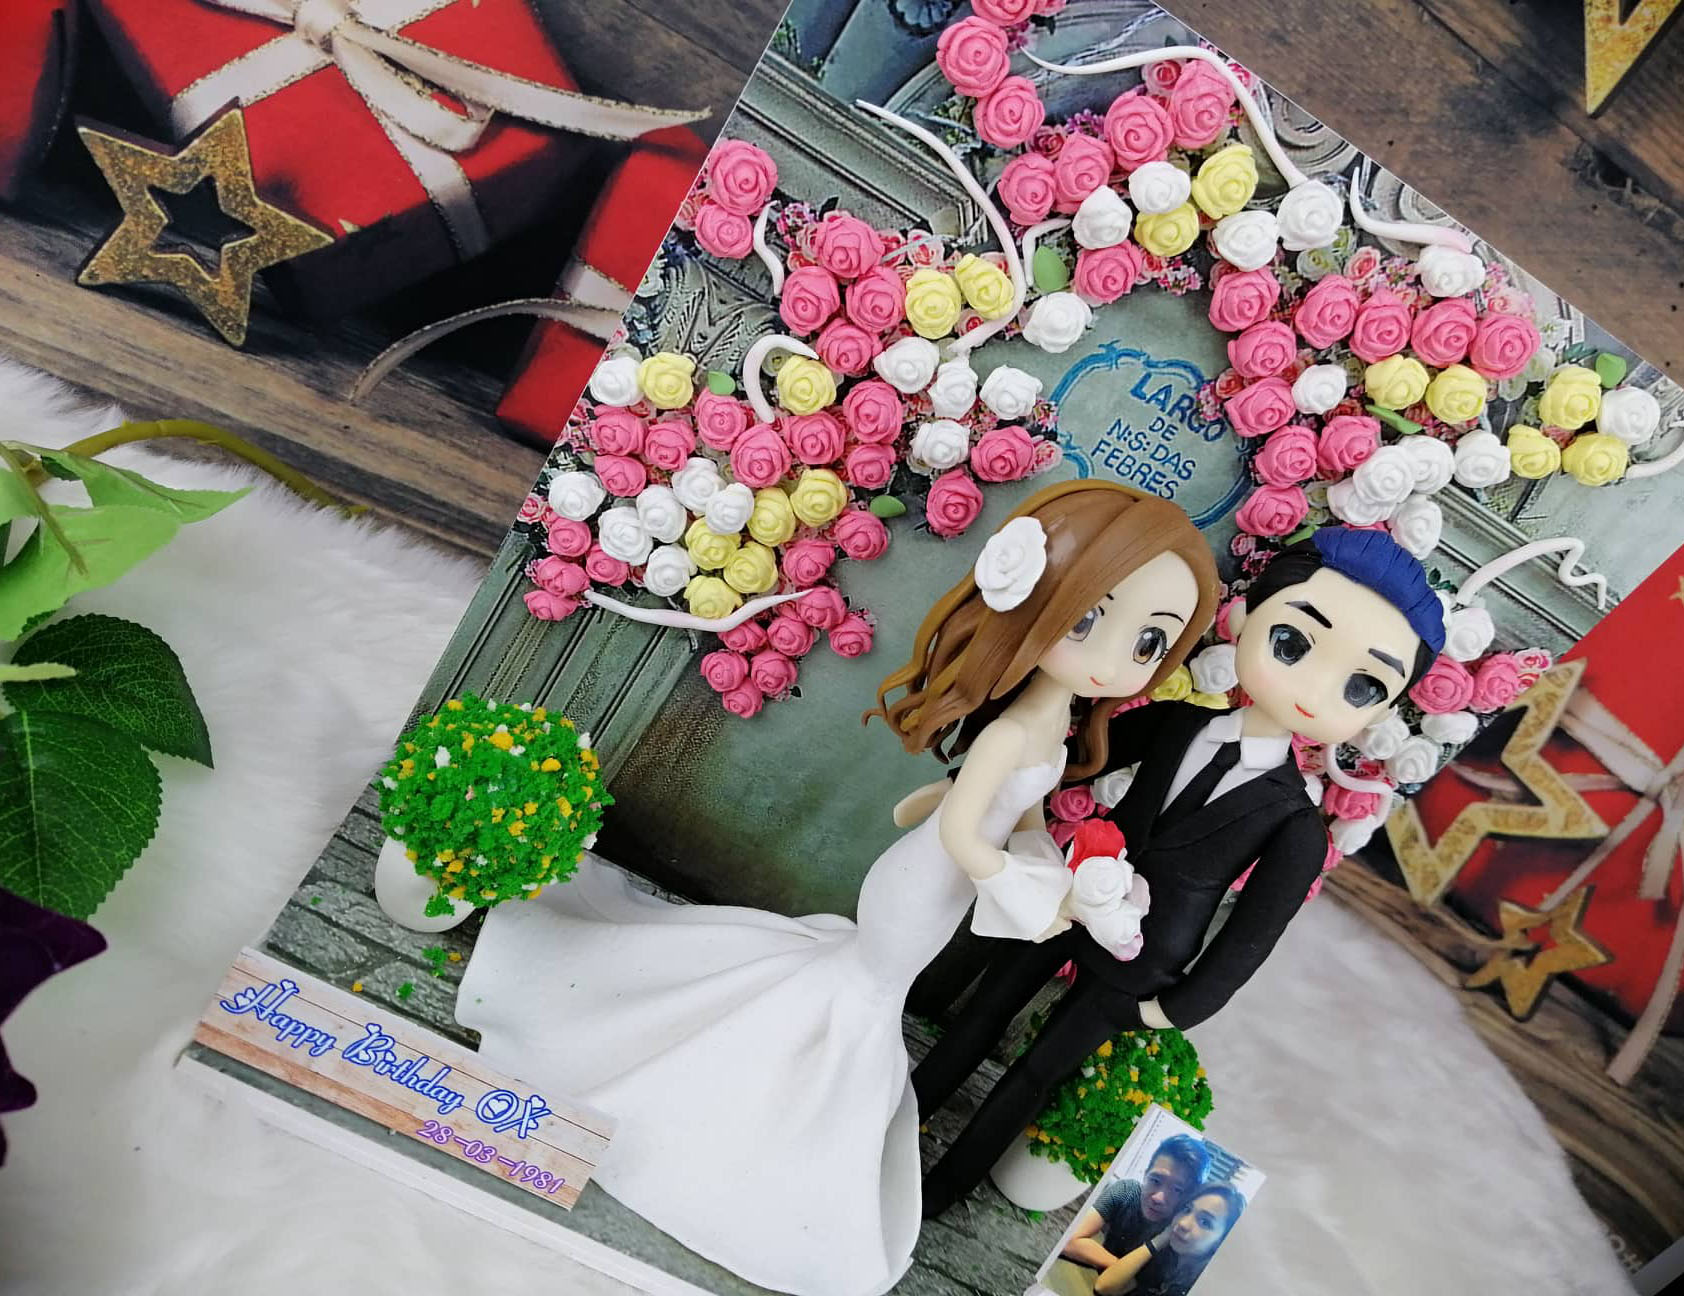 Quà cưới Hà Nội và Toàn Quốc.【Mua Ngay】 【Click Ngay】 【Khuyến Mãi】